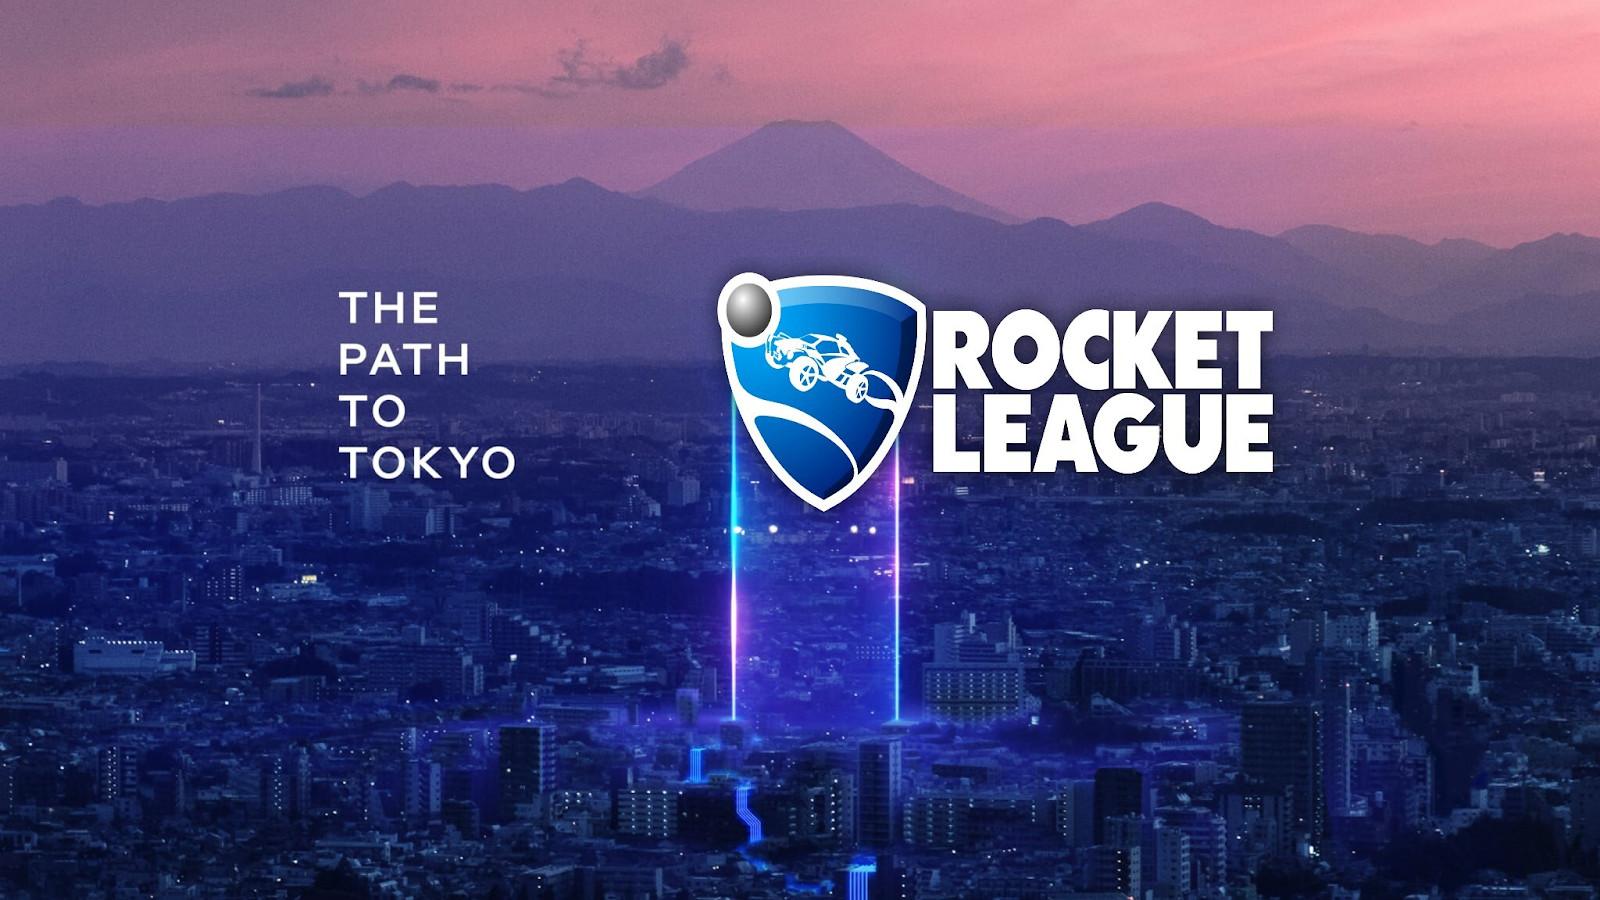 Het Nederlandse Rocket League-team eTeamNL staat morgen in de kwartfinale van het olympische esportstoernooi, waar het mogelijk tegen Tsjechië, Engeland of Noorwegen moet spelen.